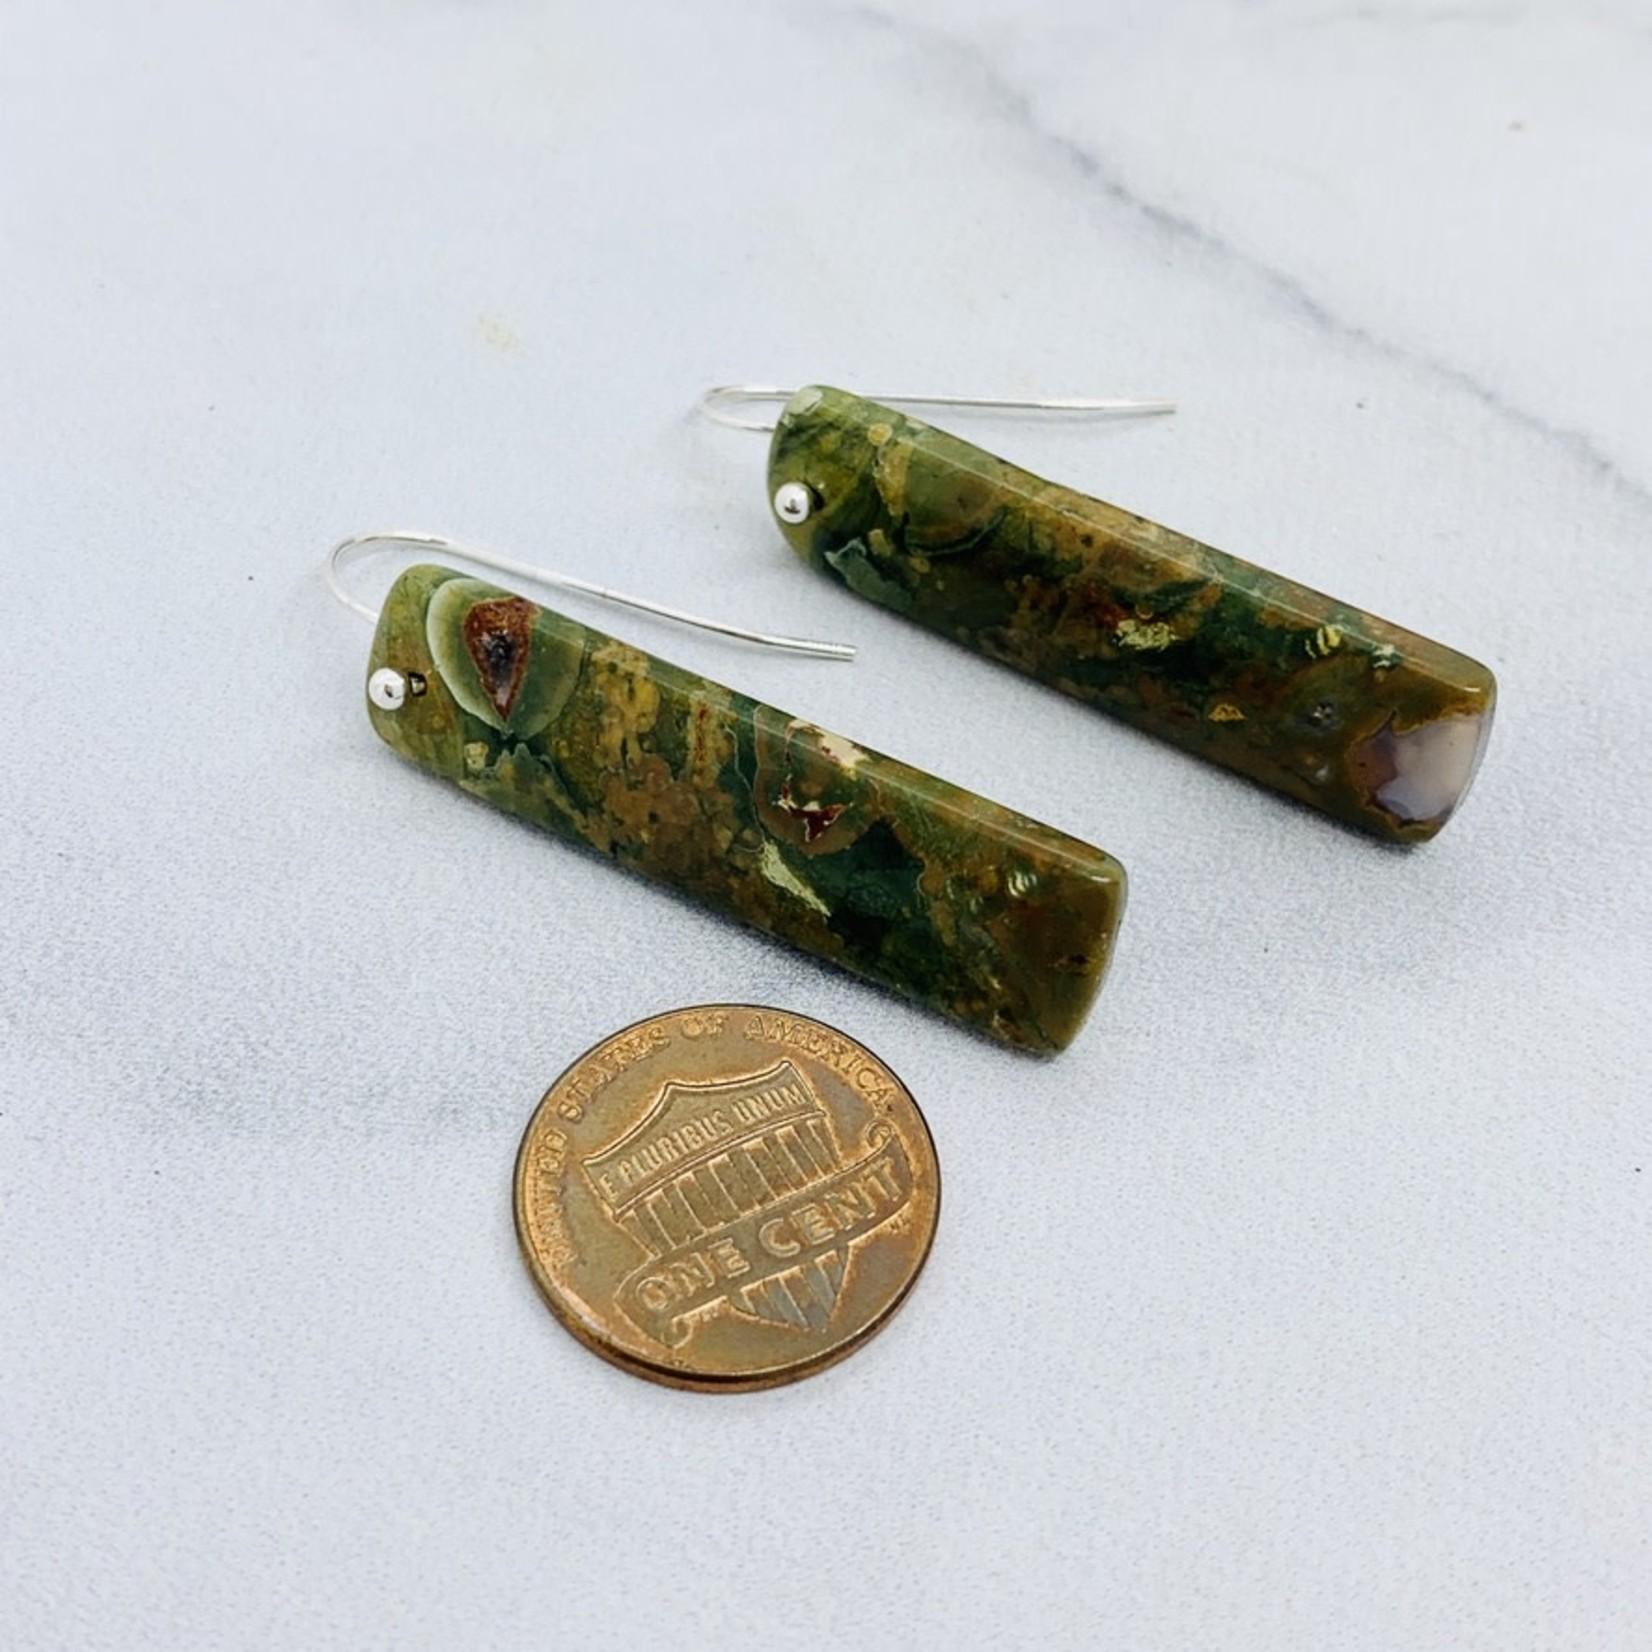 EVANKNOX Handmade Earrings with rhyolite jasper